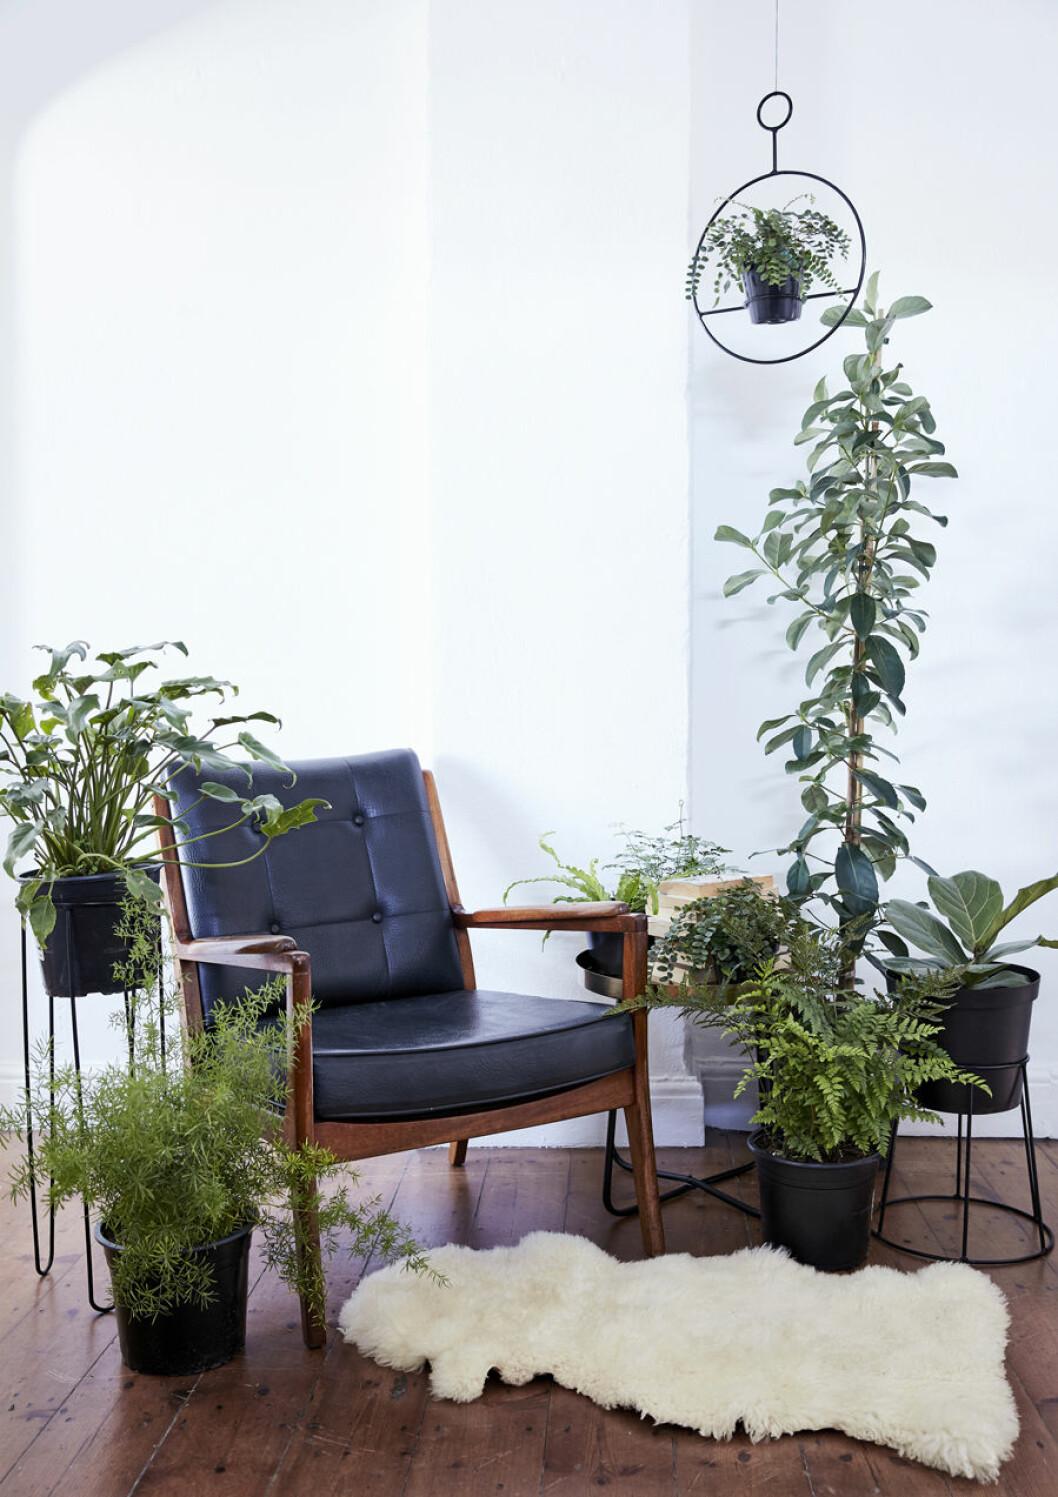 Samla växterna i ett hörn, till exempel kring en mysig fåtölj, för ett snyggt intryck